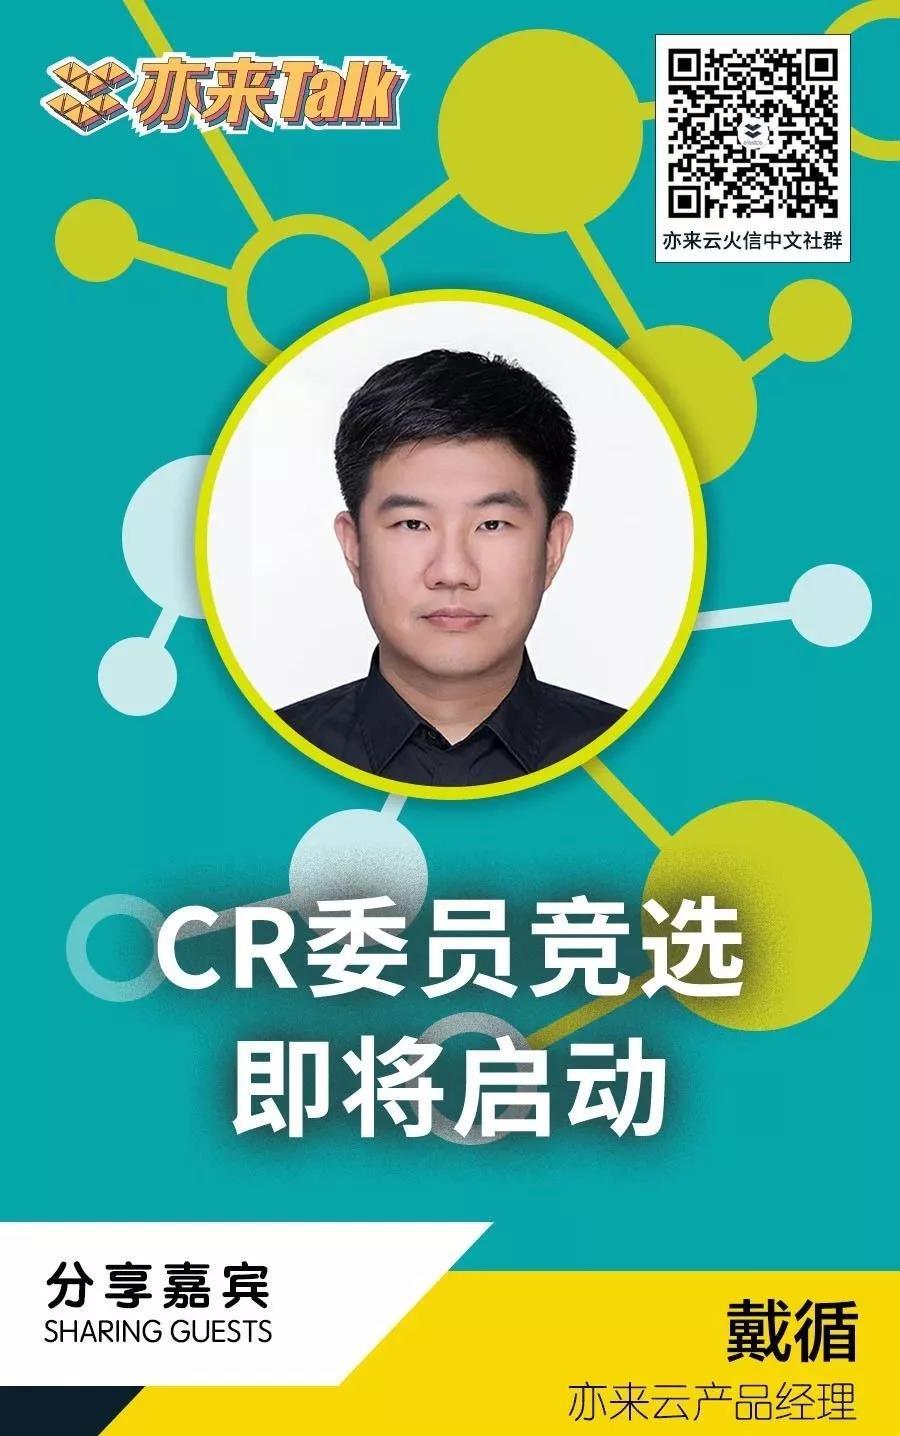 CR双周报|2019-12-25